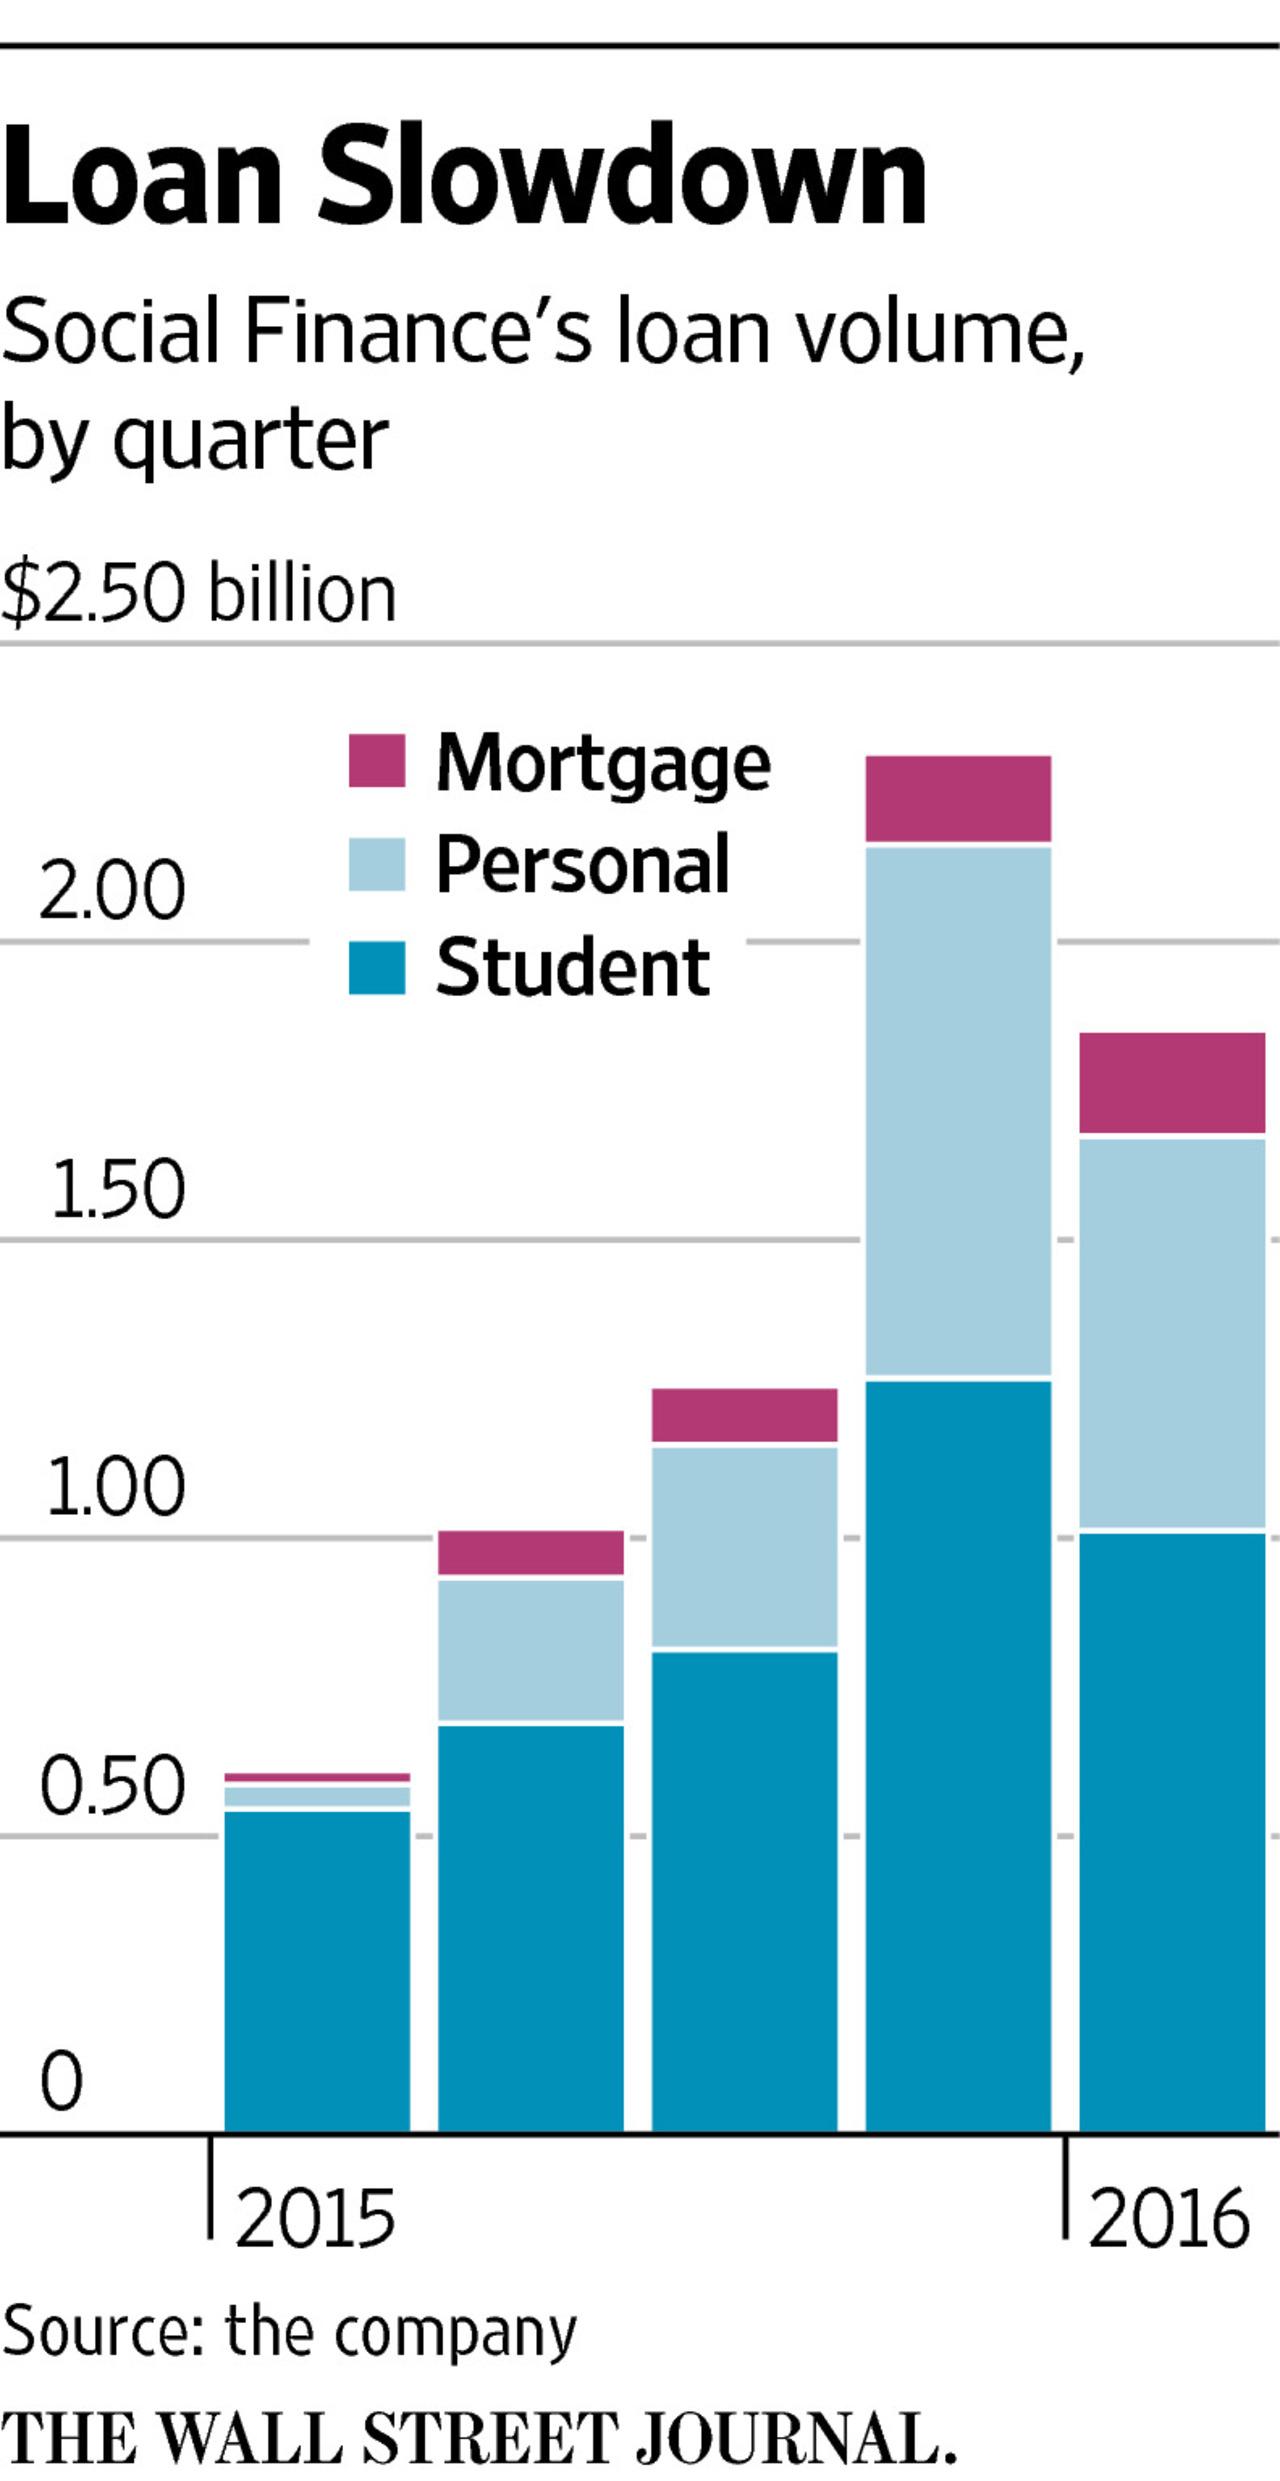 Loan slowdown